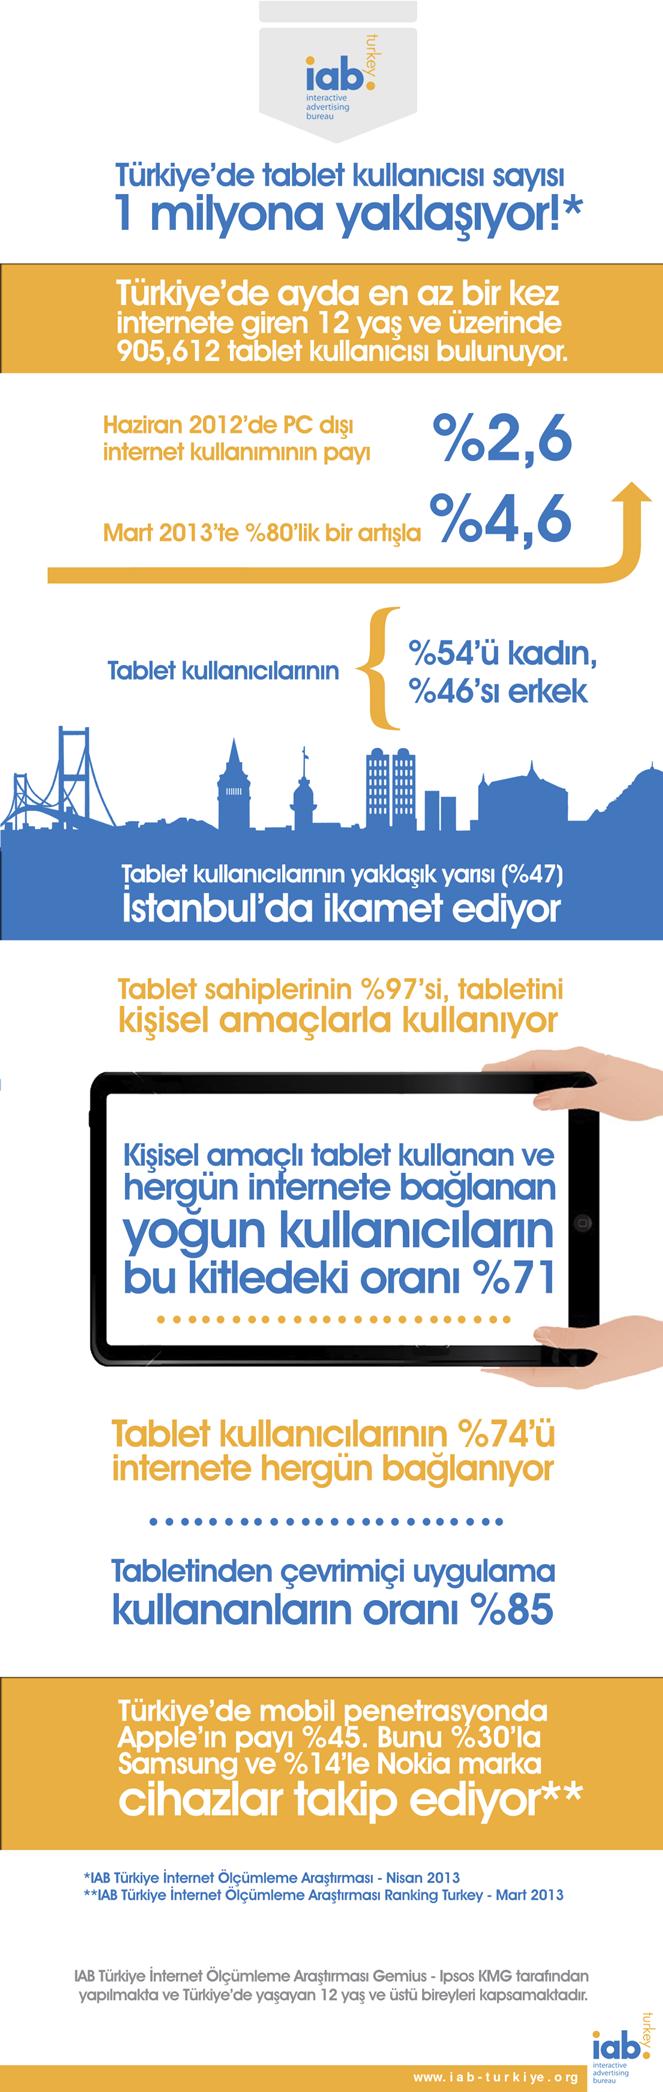 Türkiyede Tablet Kullanımı